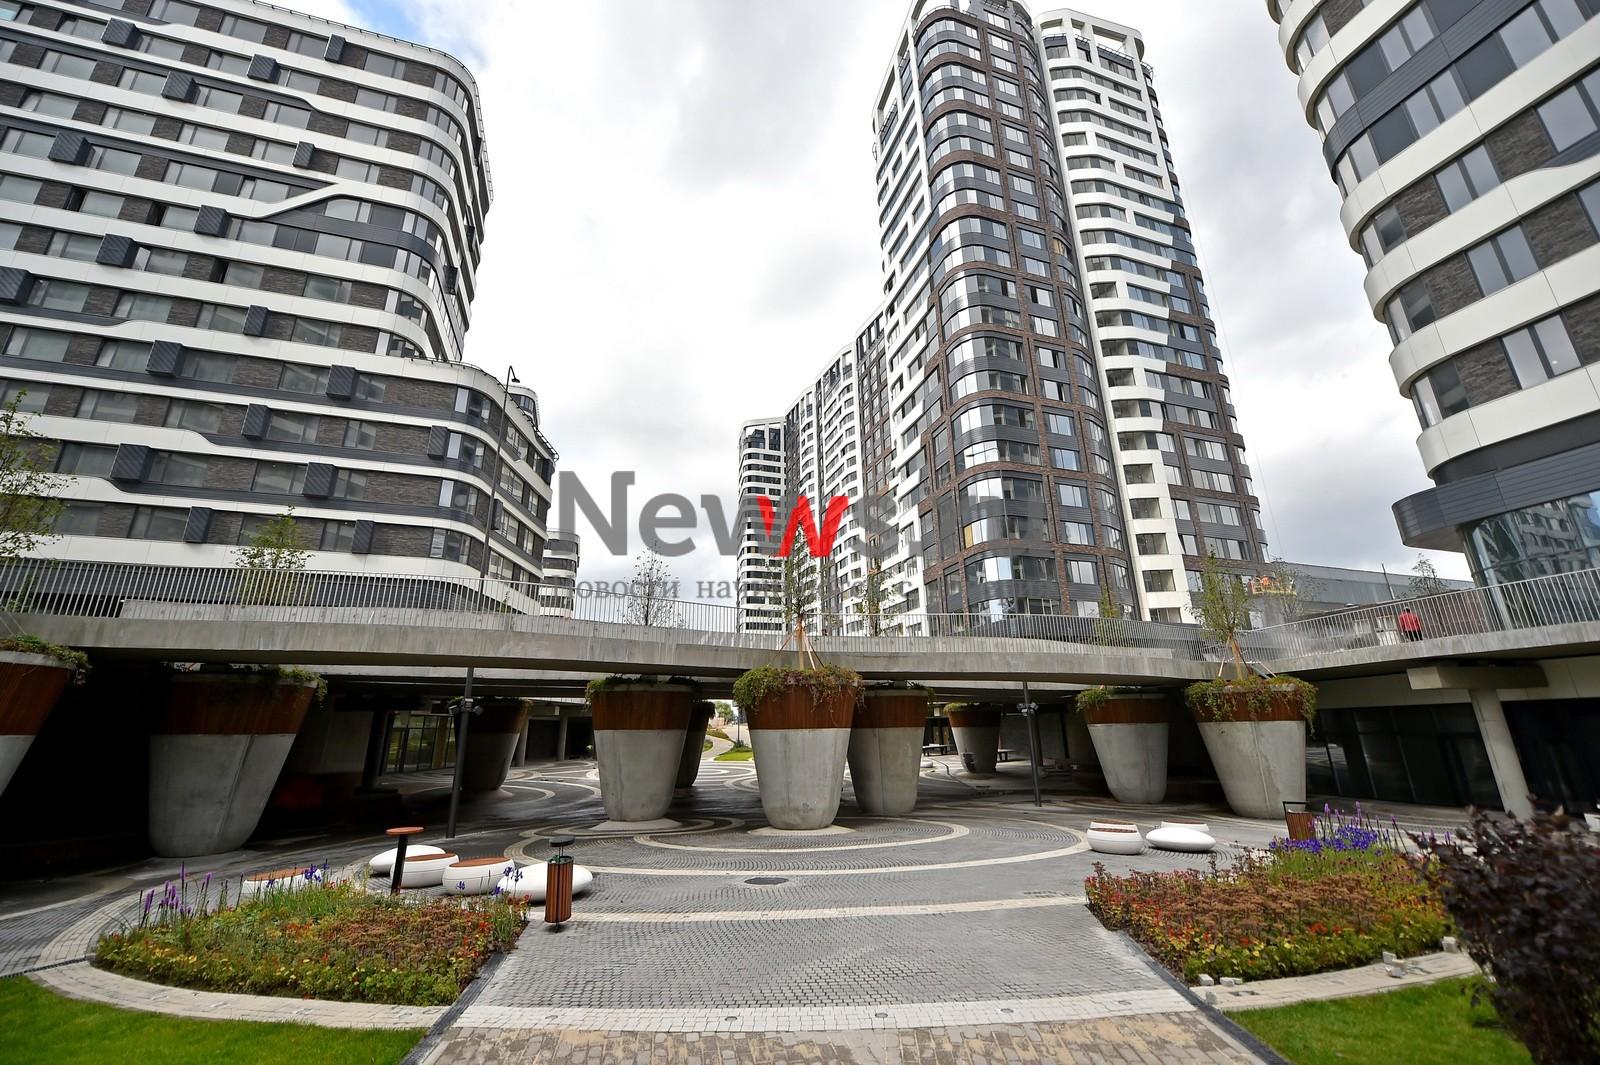 До конца 2021 года девелопер Донстрой планирует ввести в эксплуатацию более полумиллиона кв. метров жилья